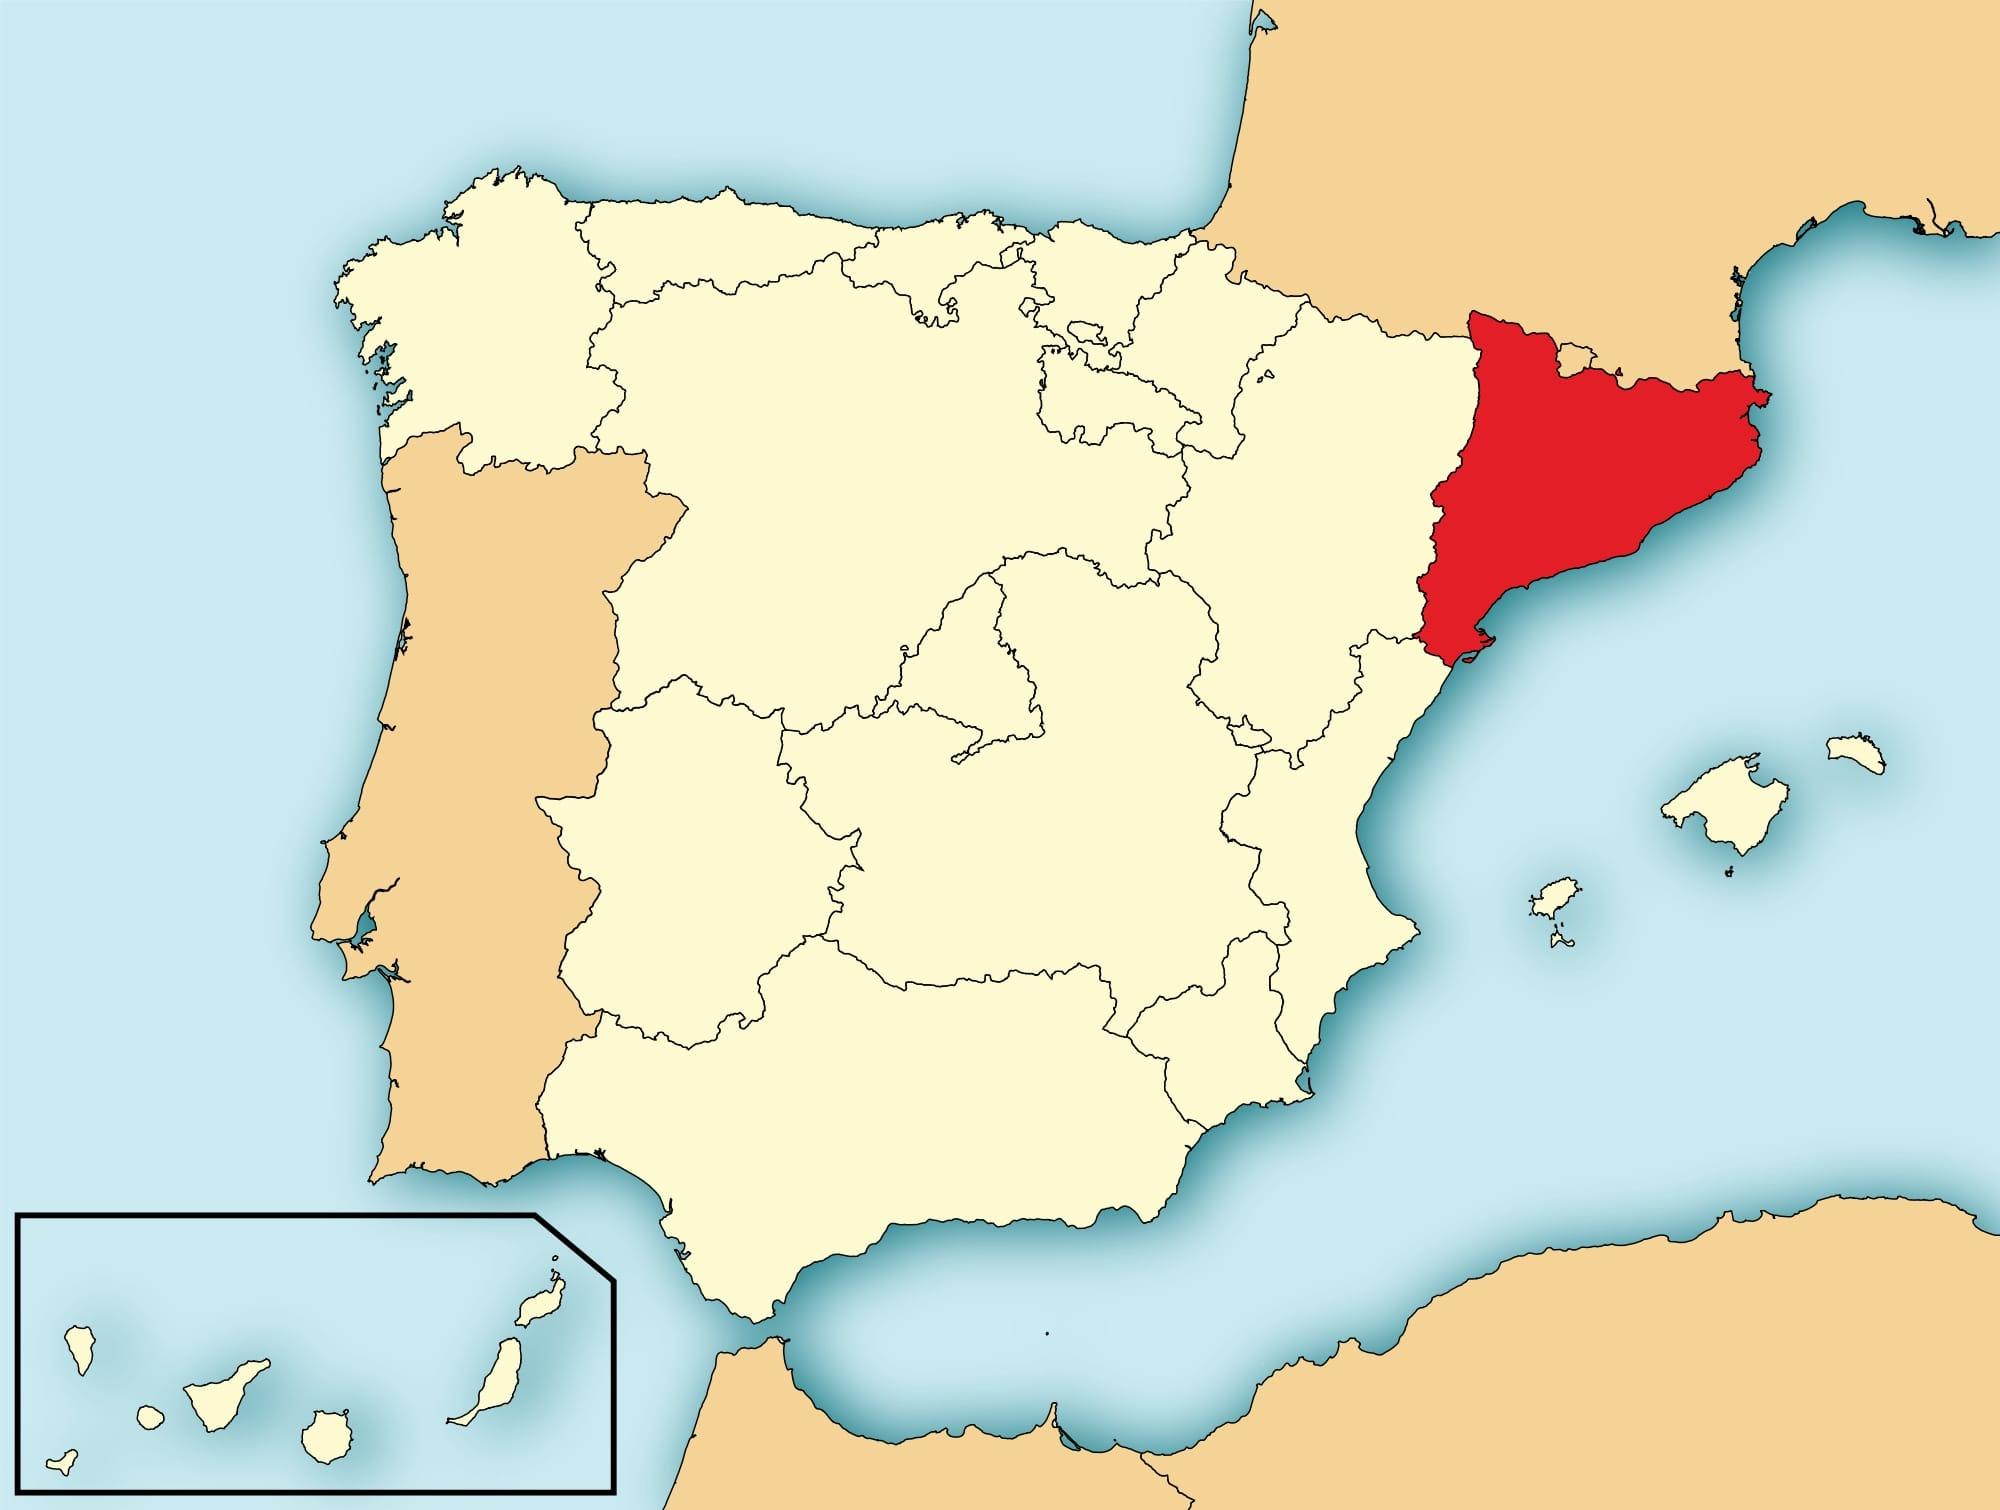 Catalonia va ngon lua khao khat doc lap suot 1.000 nam hinh anh 2